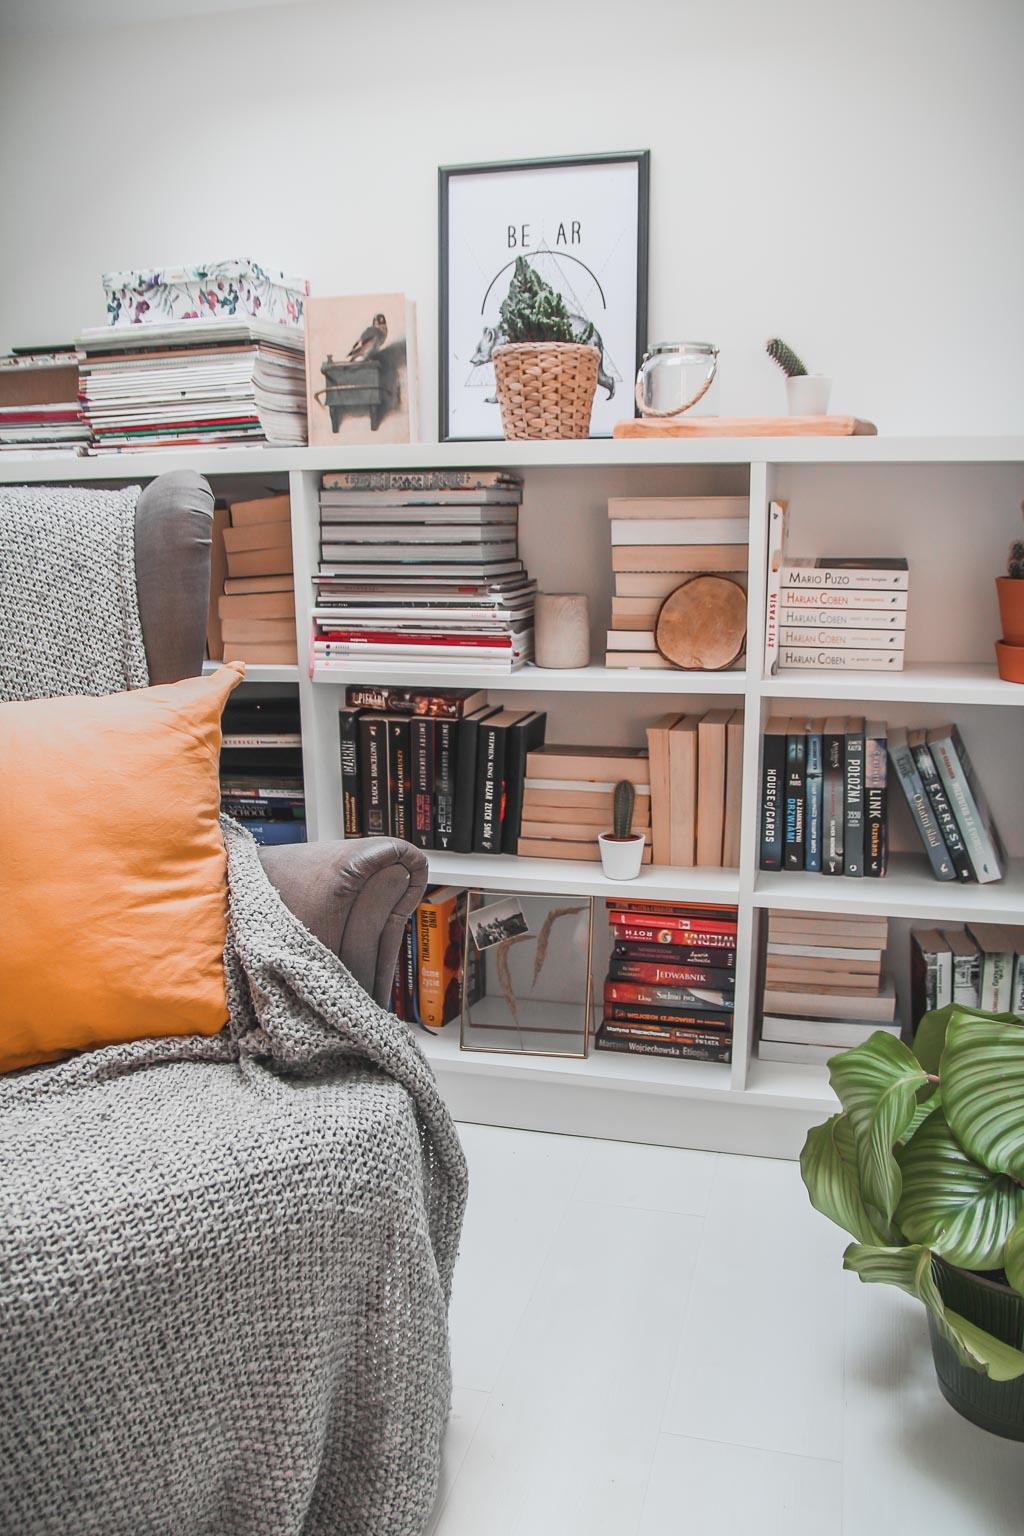 jak układać książki na półkach